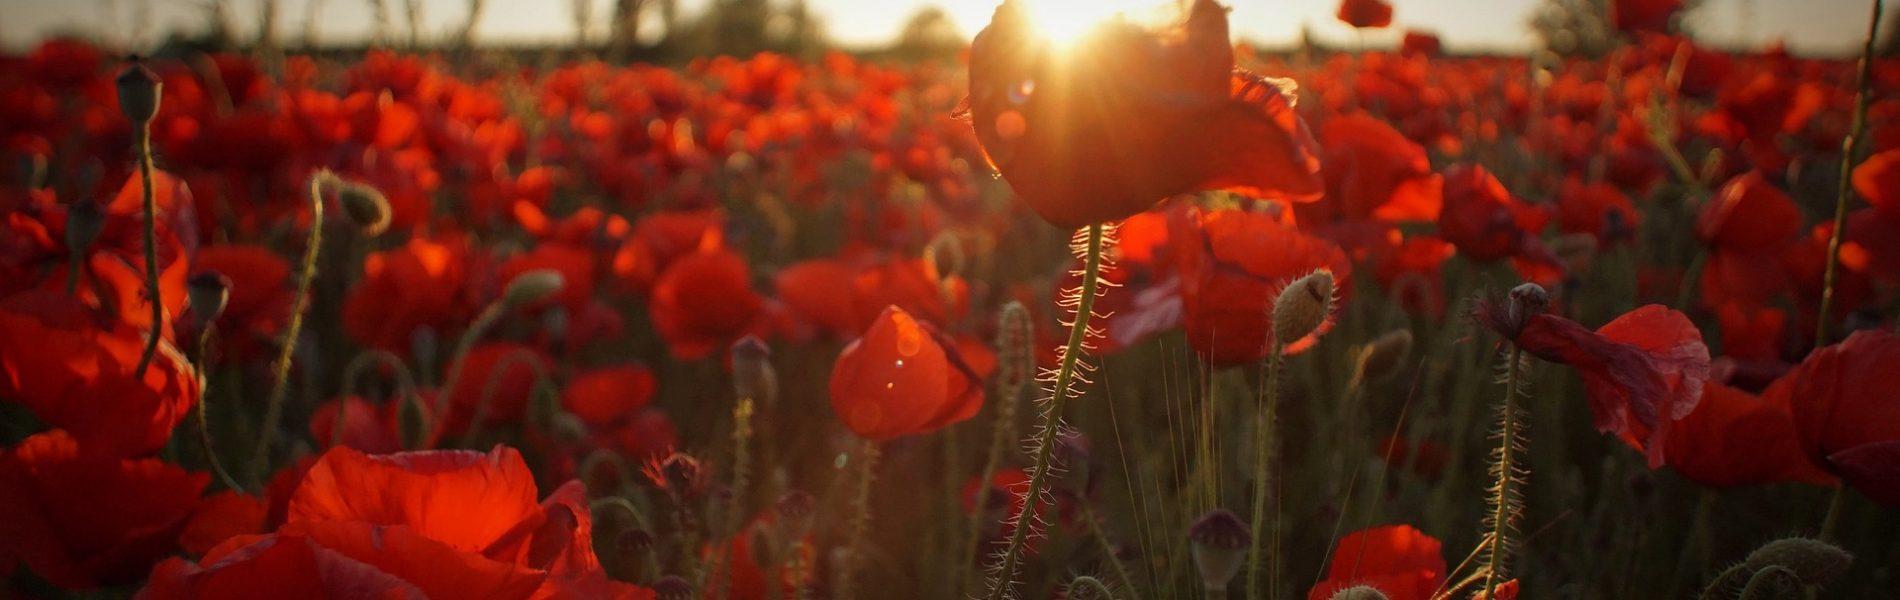 bloom-1844757_1920